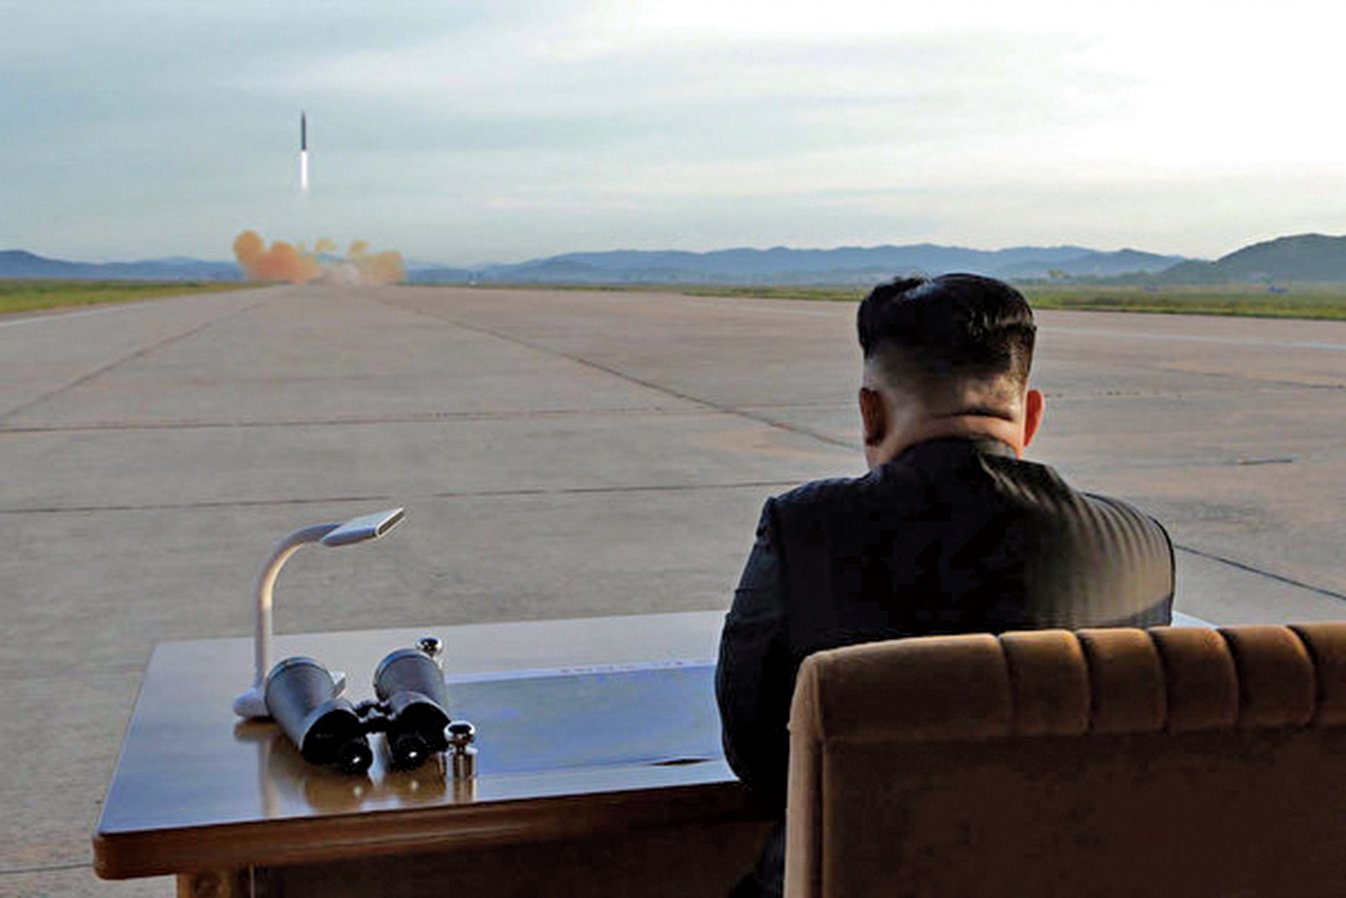 美國官員8日透露,北韓首次告訴美國,準備在特金會上討論朝鮮半島的無核化。從而消除了外界對金正恩是否會談論無核化的疑慮。(AFP)